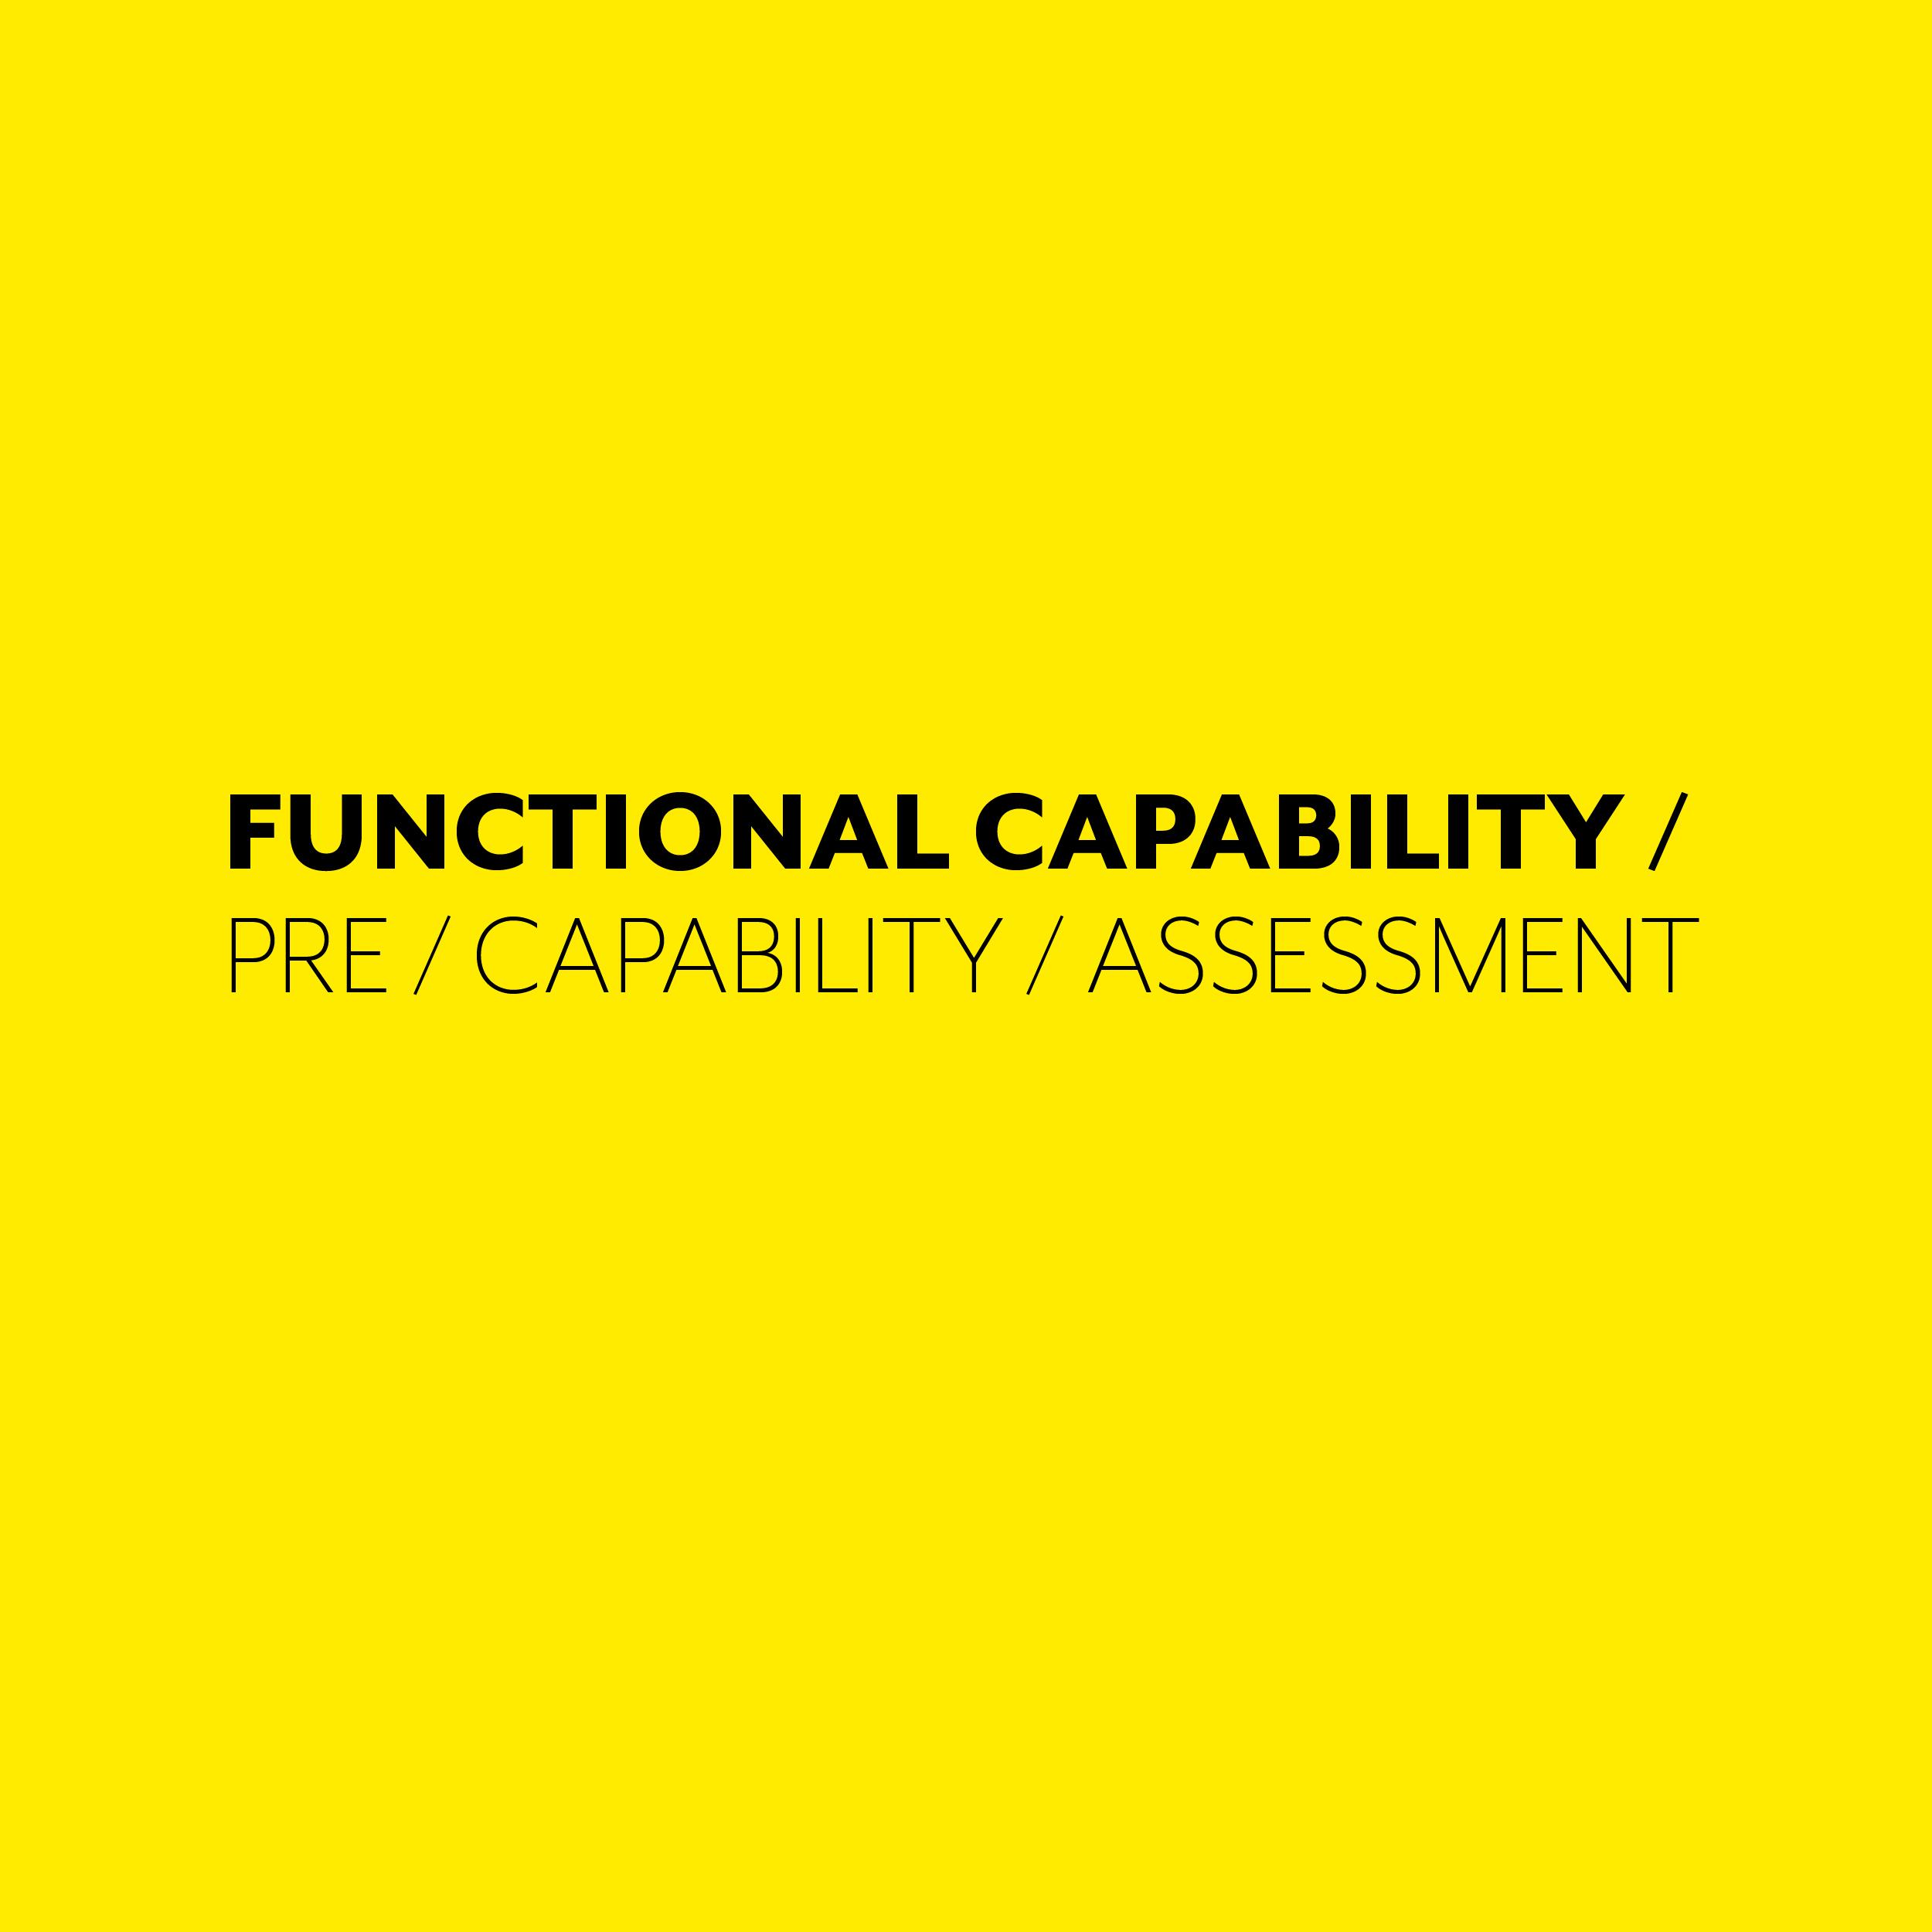 FUNCTIONAL CAPABILITY ASSESSMENT.jpg